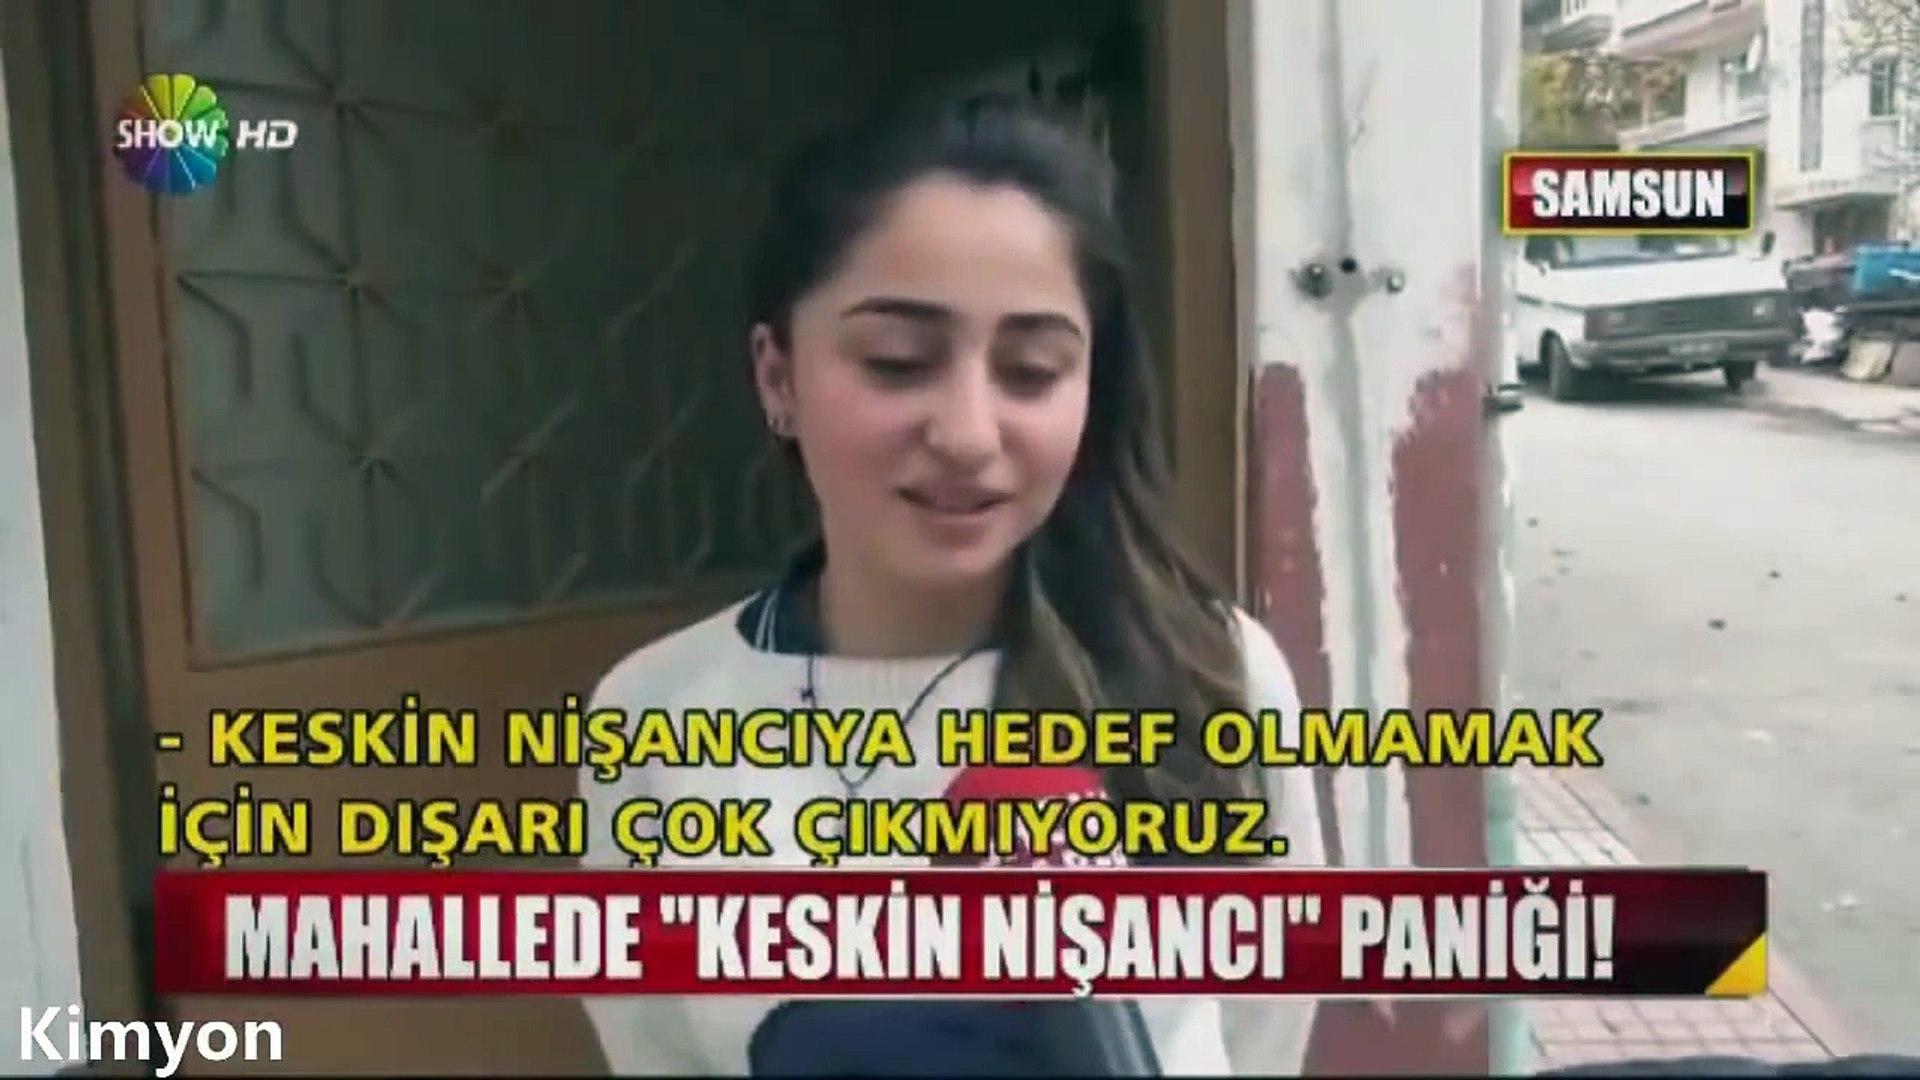 Samsun'da sıradan bir ifşa videosu ! Samsun'un gerçek yüzü !